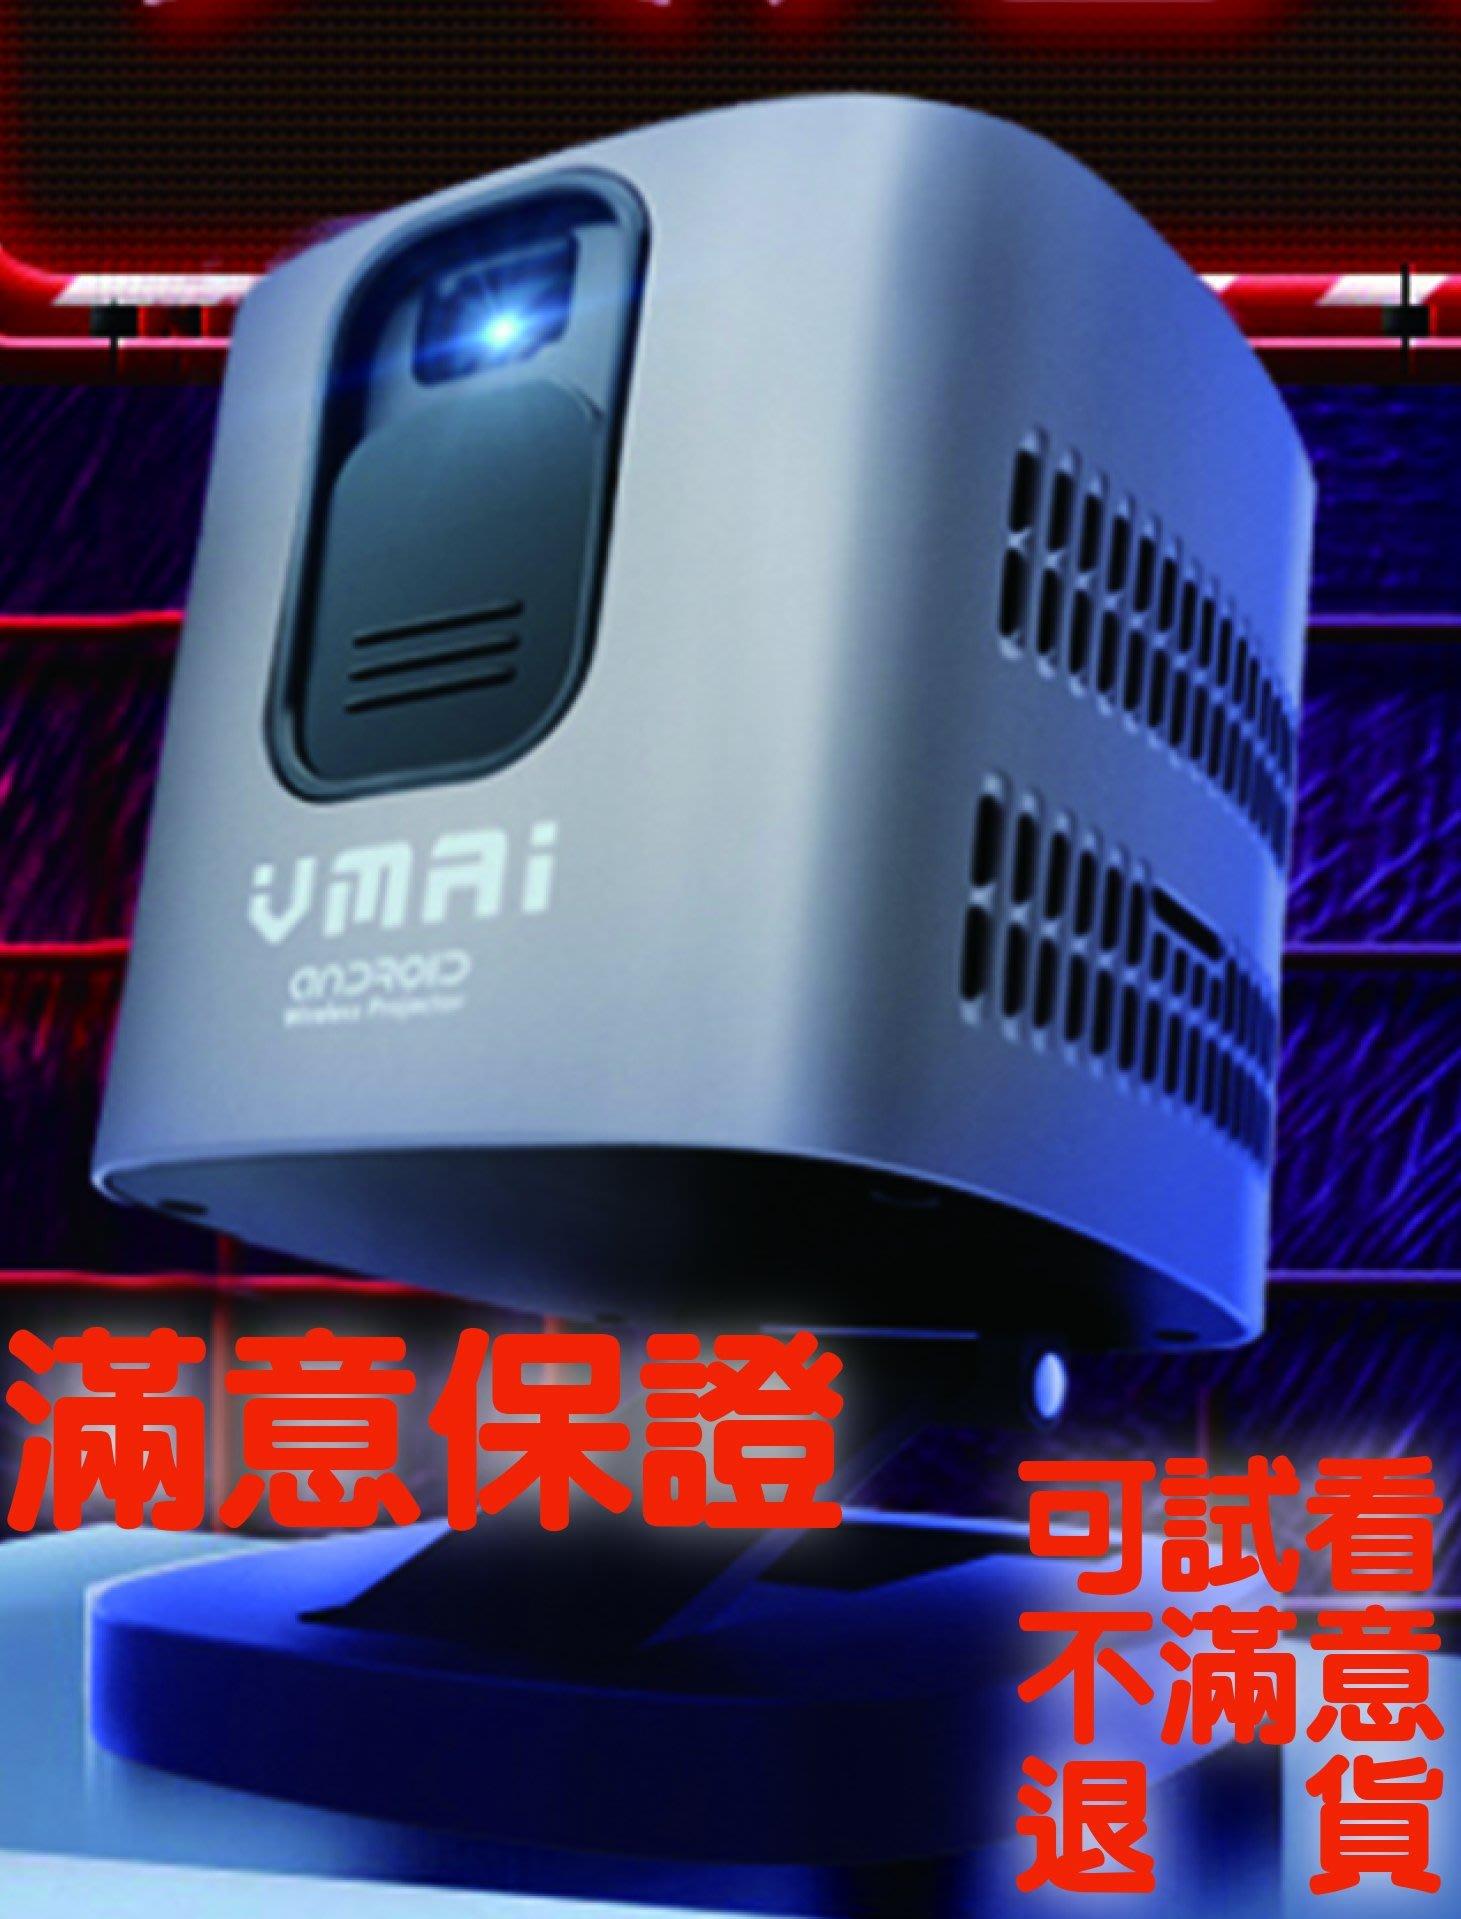 微麥M200超值唯一袖珍AI語音真快門3D微投影机效果保証唯一可試看3日不滿意可退貨(全台最低價16800~35000)